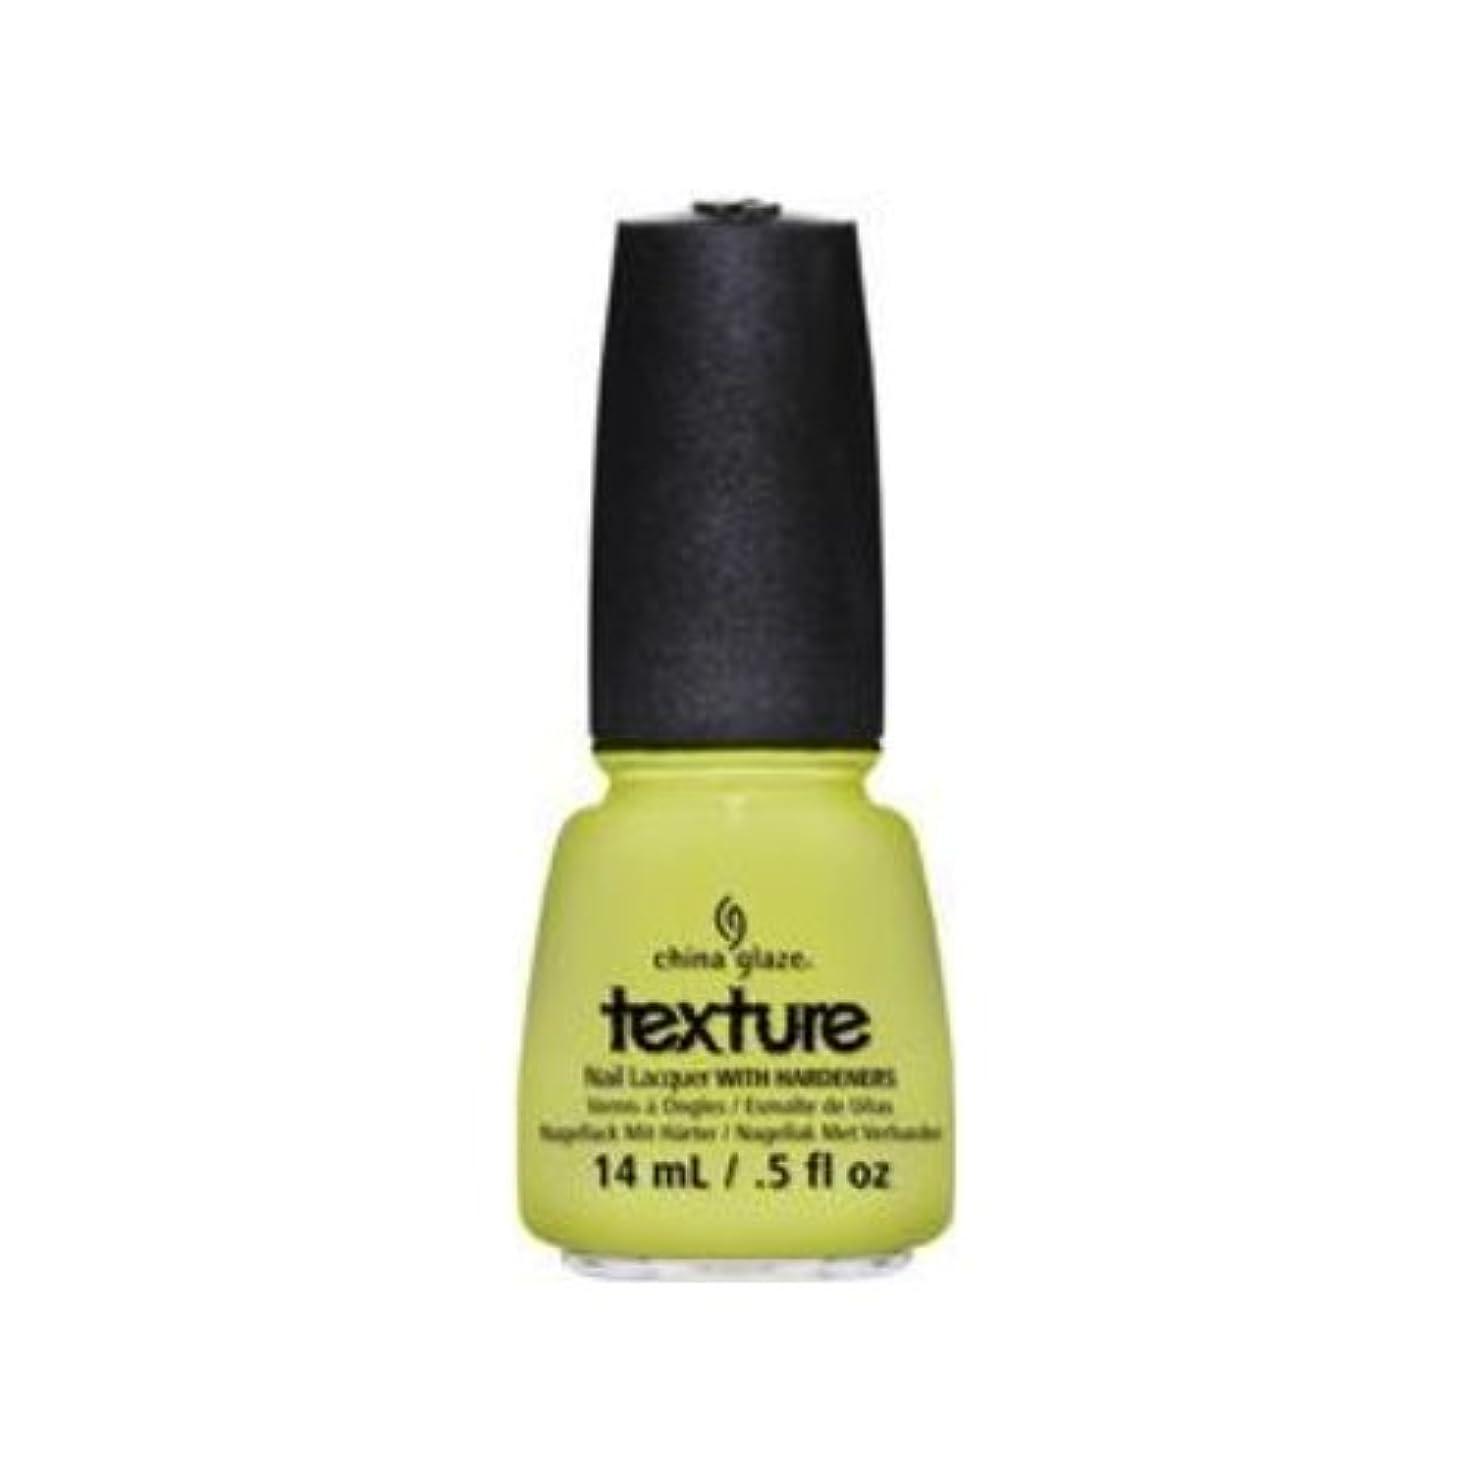 ベット将来の形CHINA GLAZE Texture Nail Lacquers - In The Rough (並行輸入品)